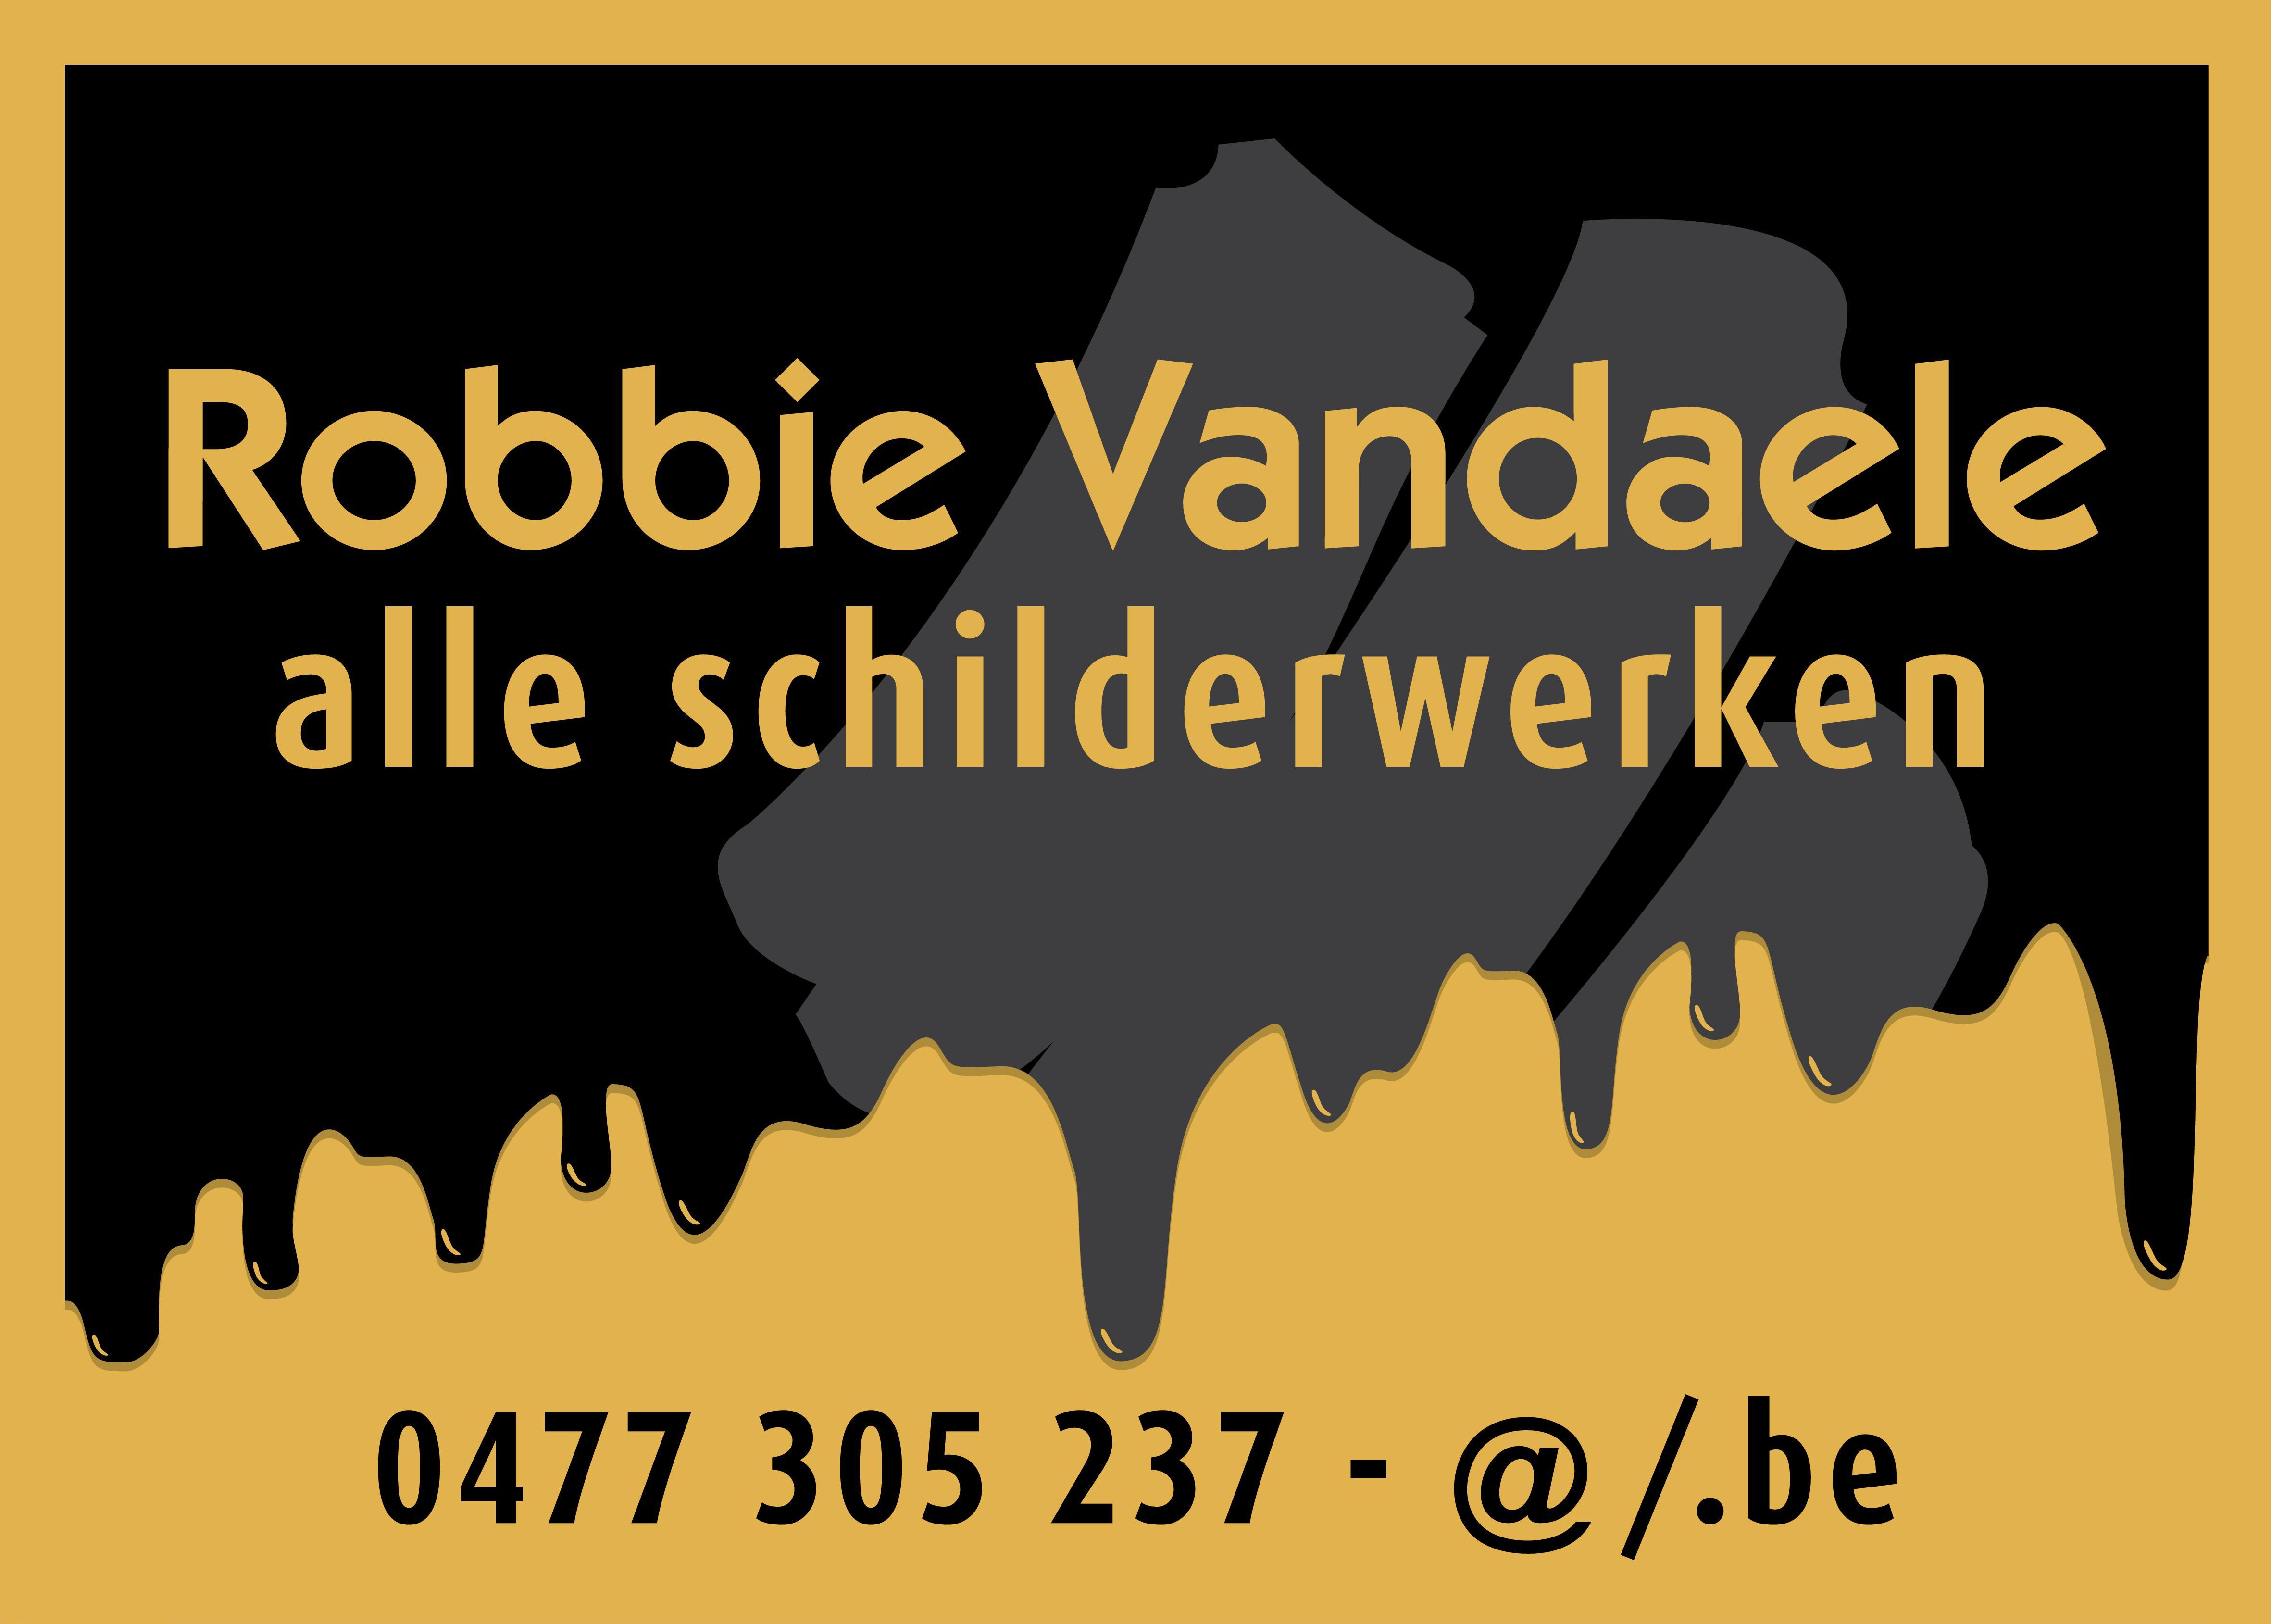 Robbie Vandaele